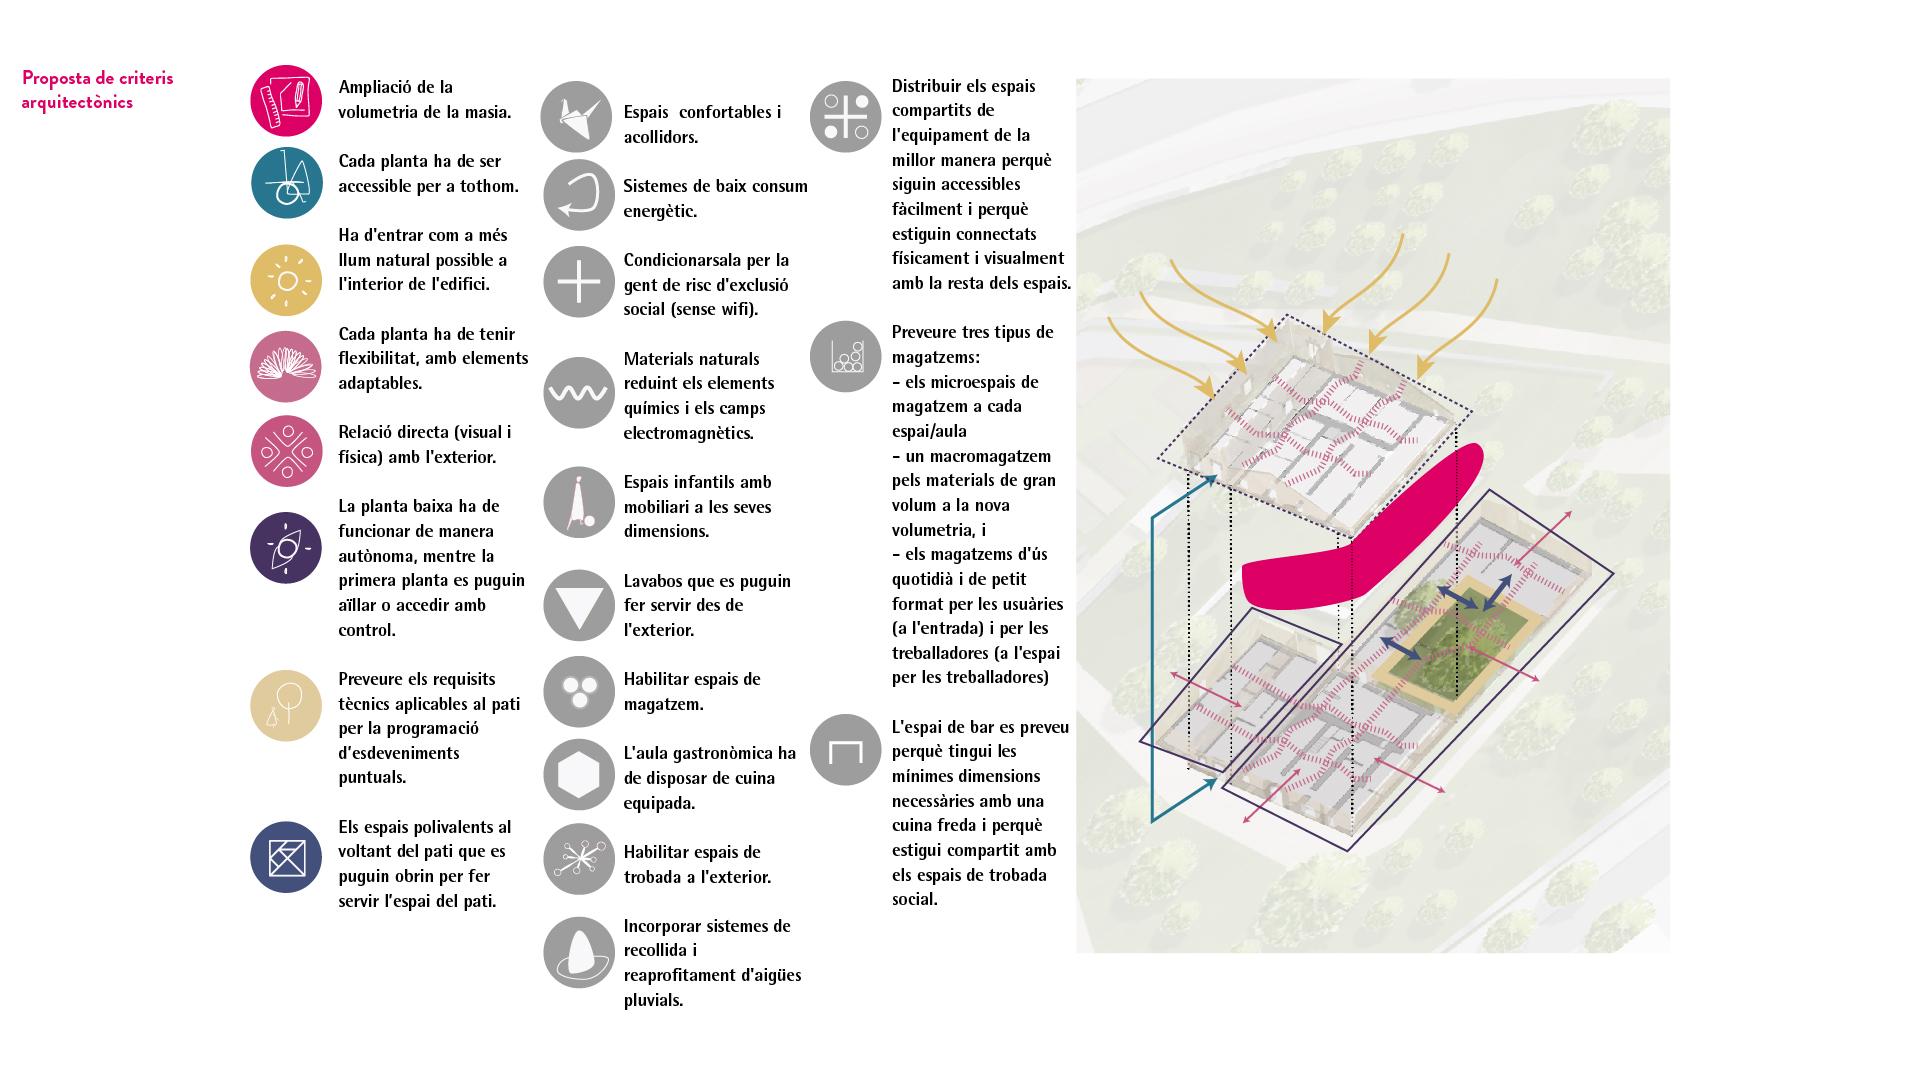 plantilla fotos_Activitats a Volpelleres_Tipologies d'espai públic presents al barri